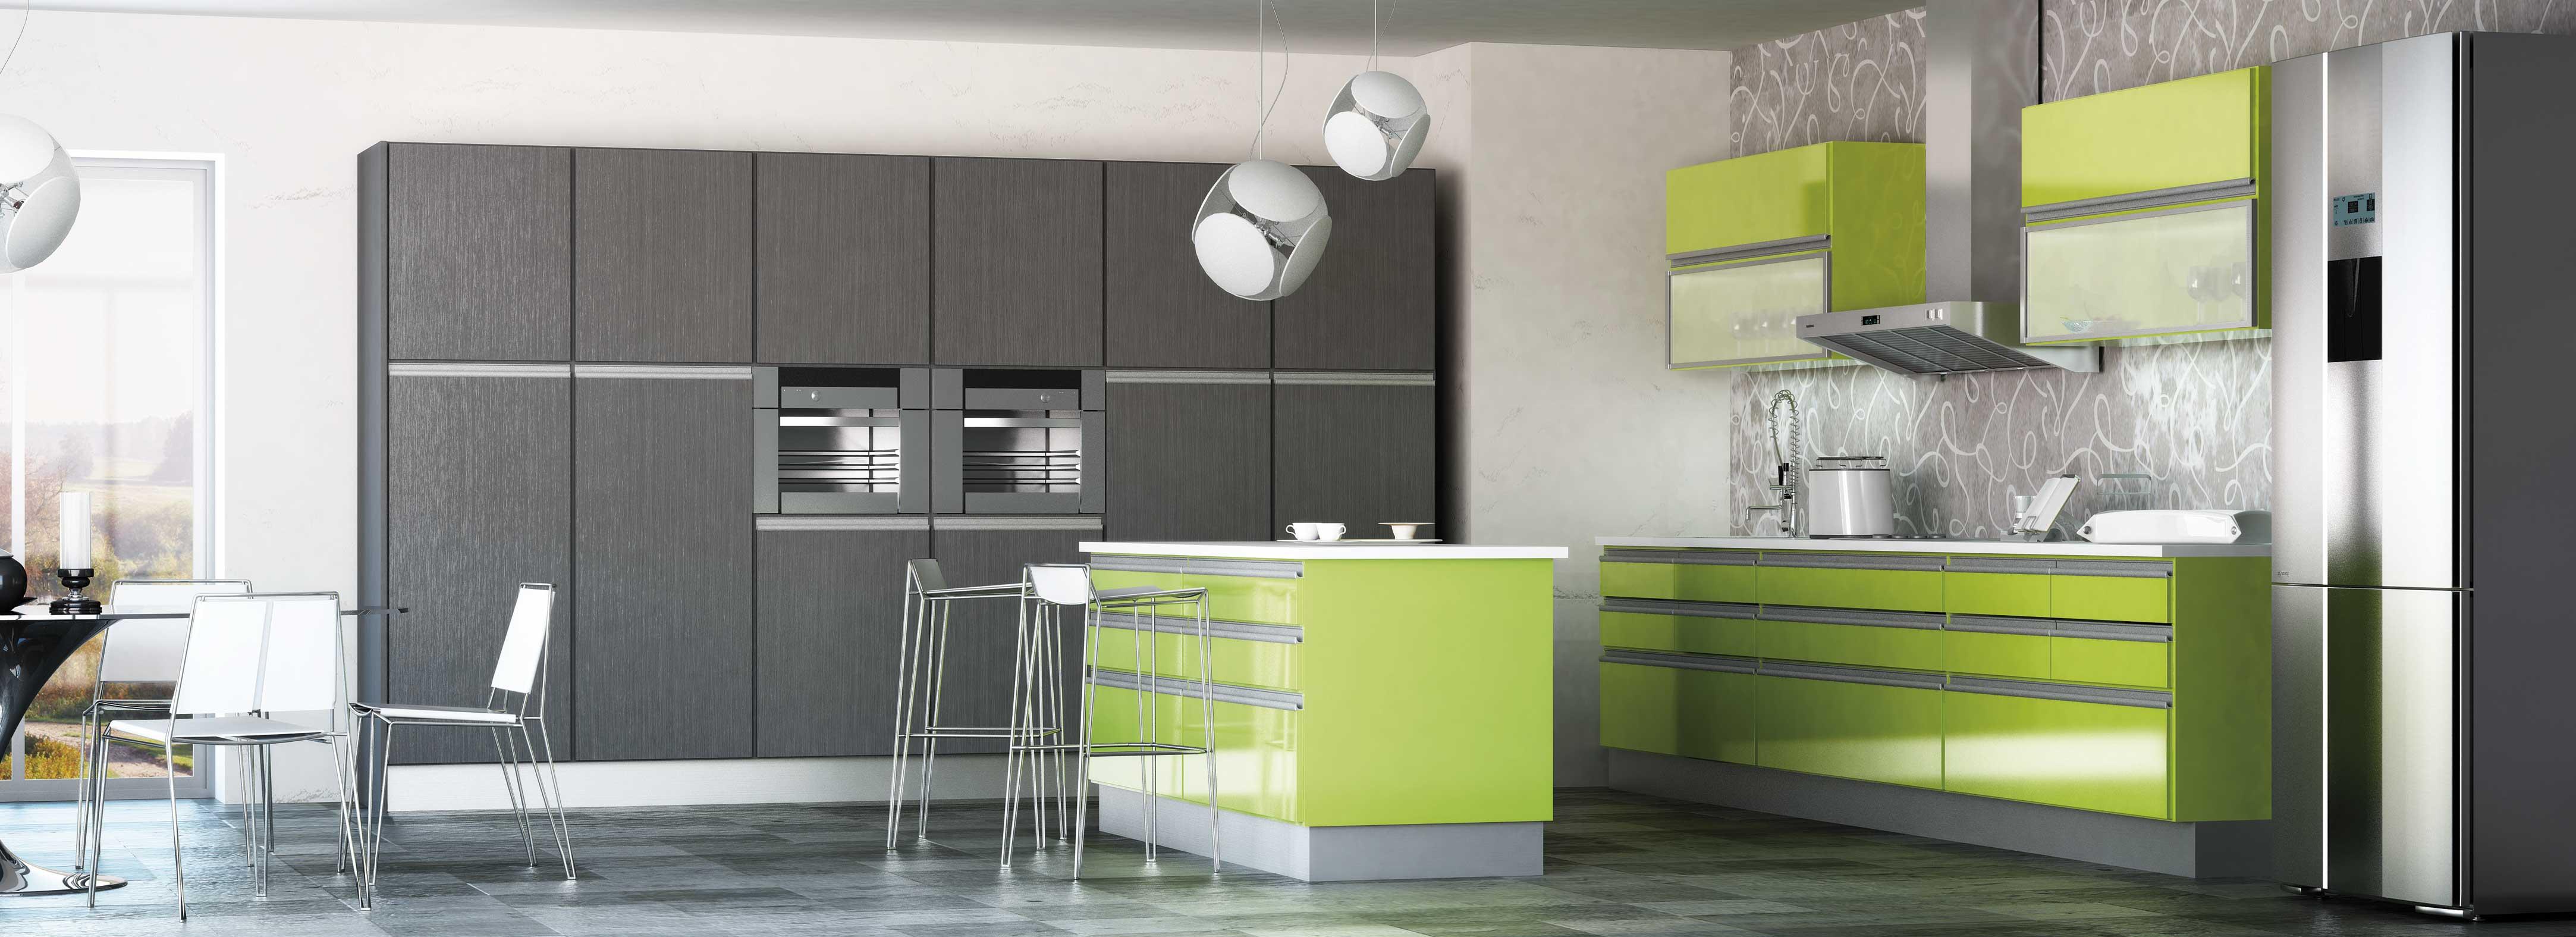 Cocinas decorador personaldecorador personal - Fabrica cocinas madrid ...